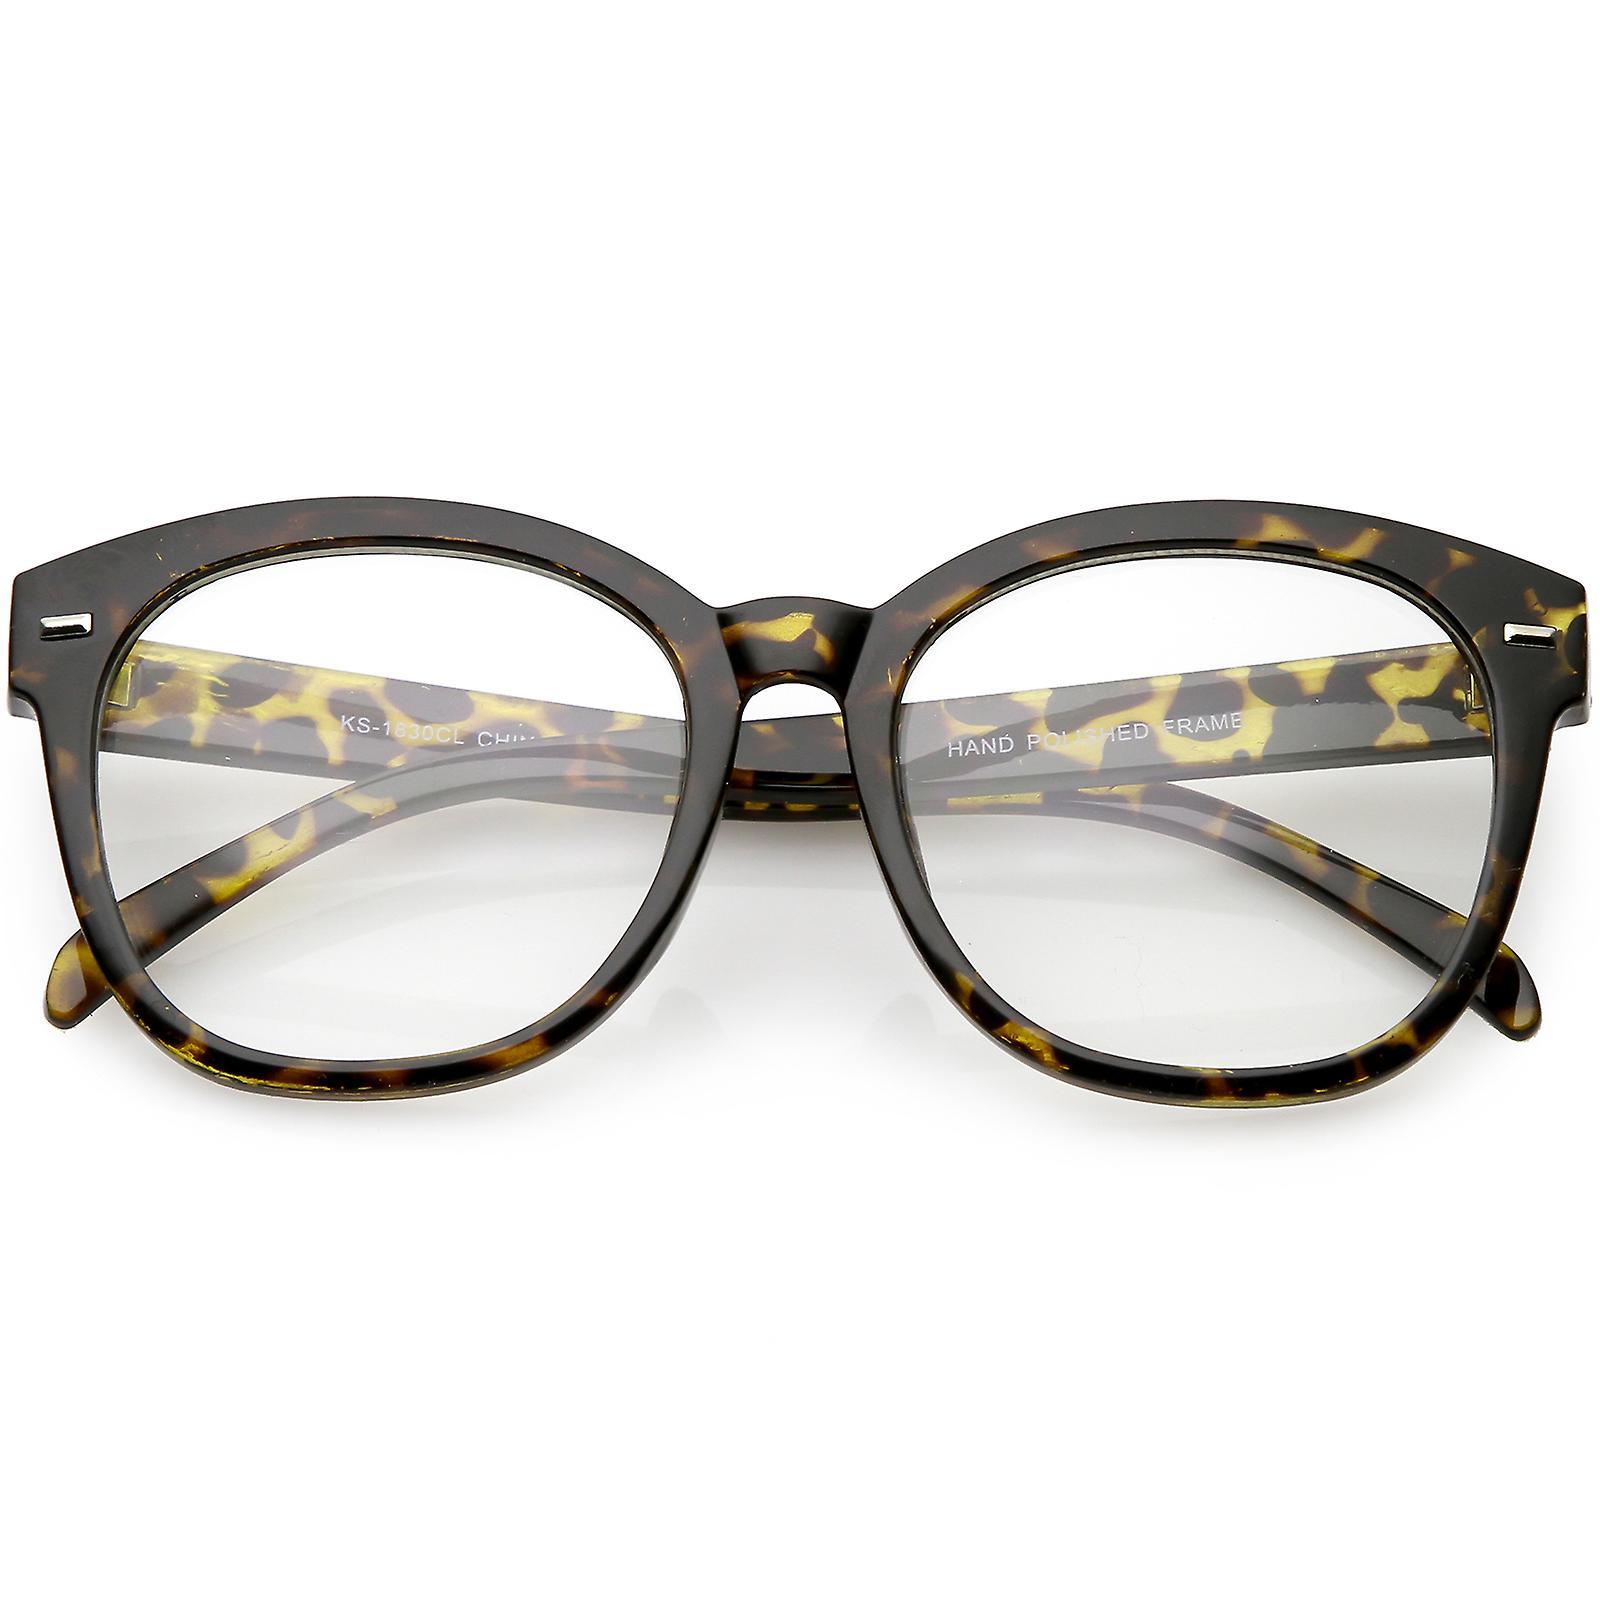 Oversize Horn kantad runda glasögon metall nitar klar lins 55mm  4b165ce2f4382